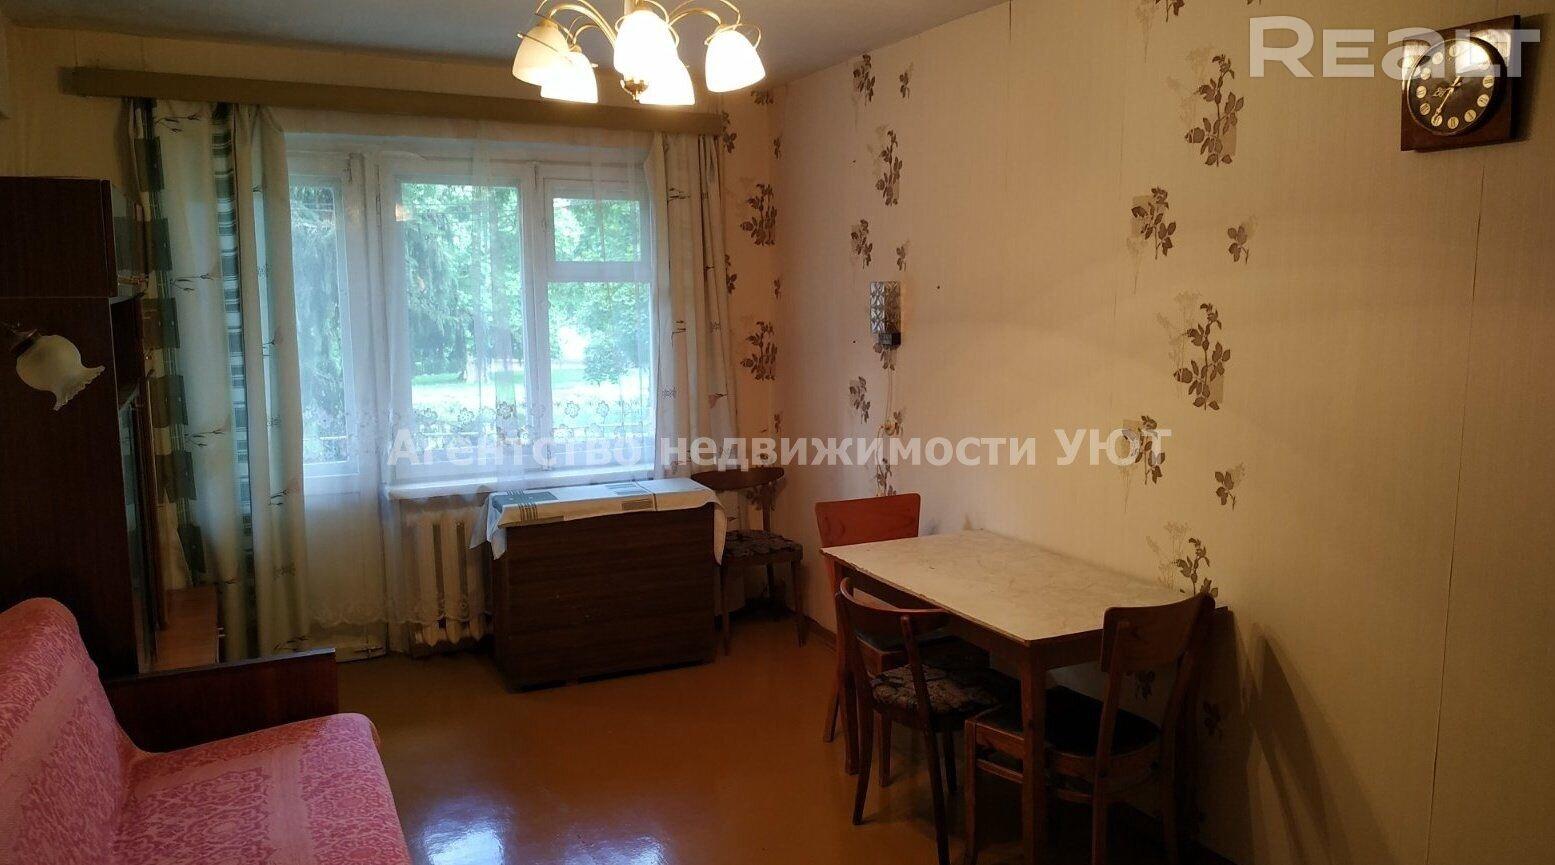 Продается 2-комнатная квартира, пр-т Черняховского